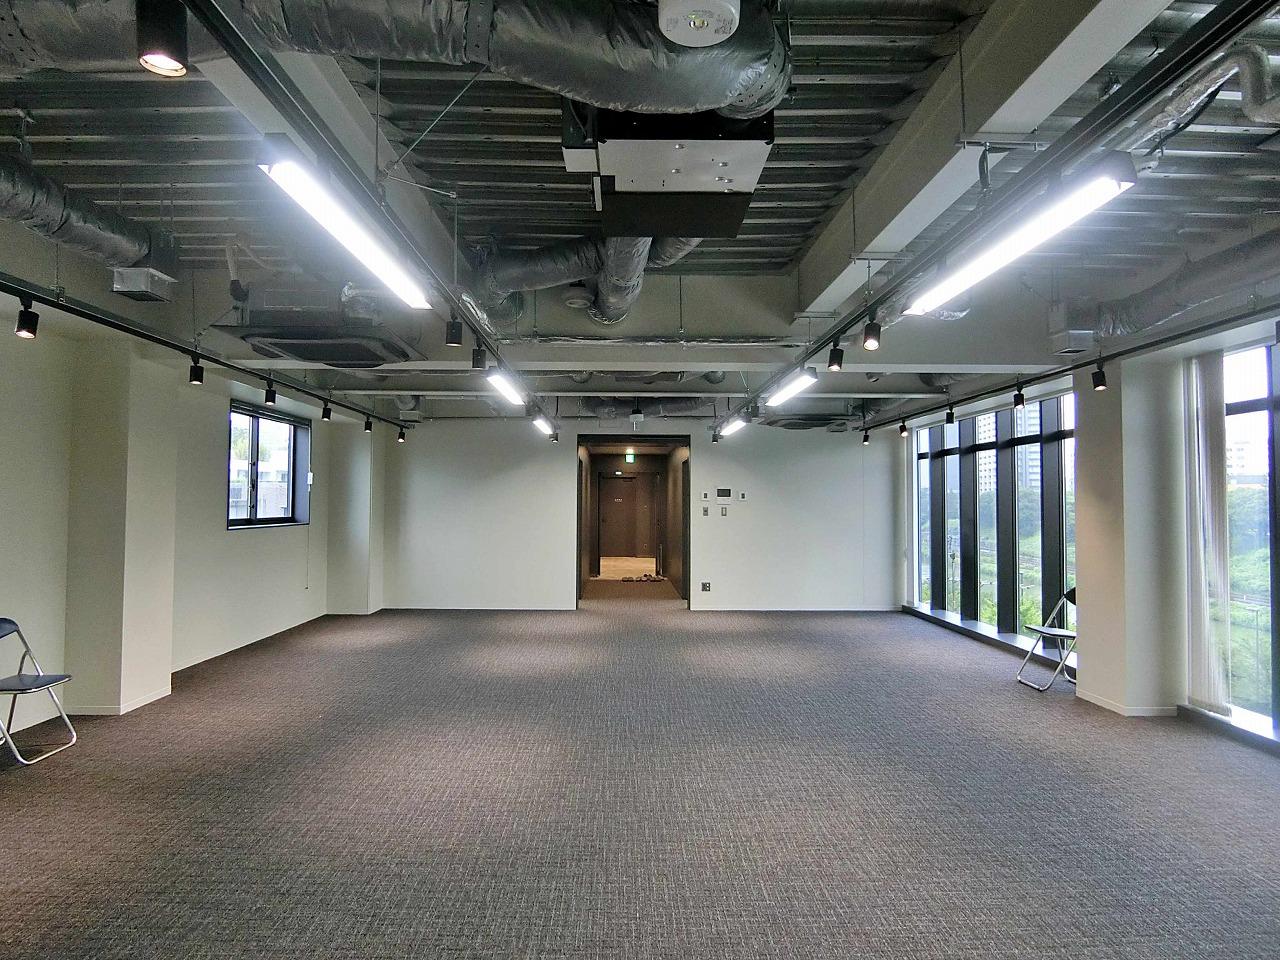 【セットアップ】市ヶ谷エリア 新築デザイナーズオフィス